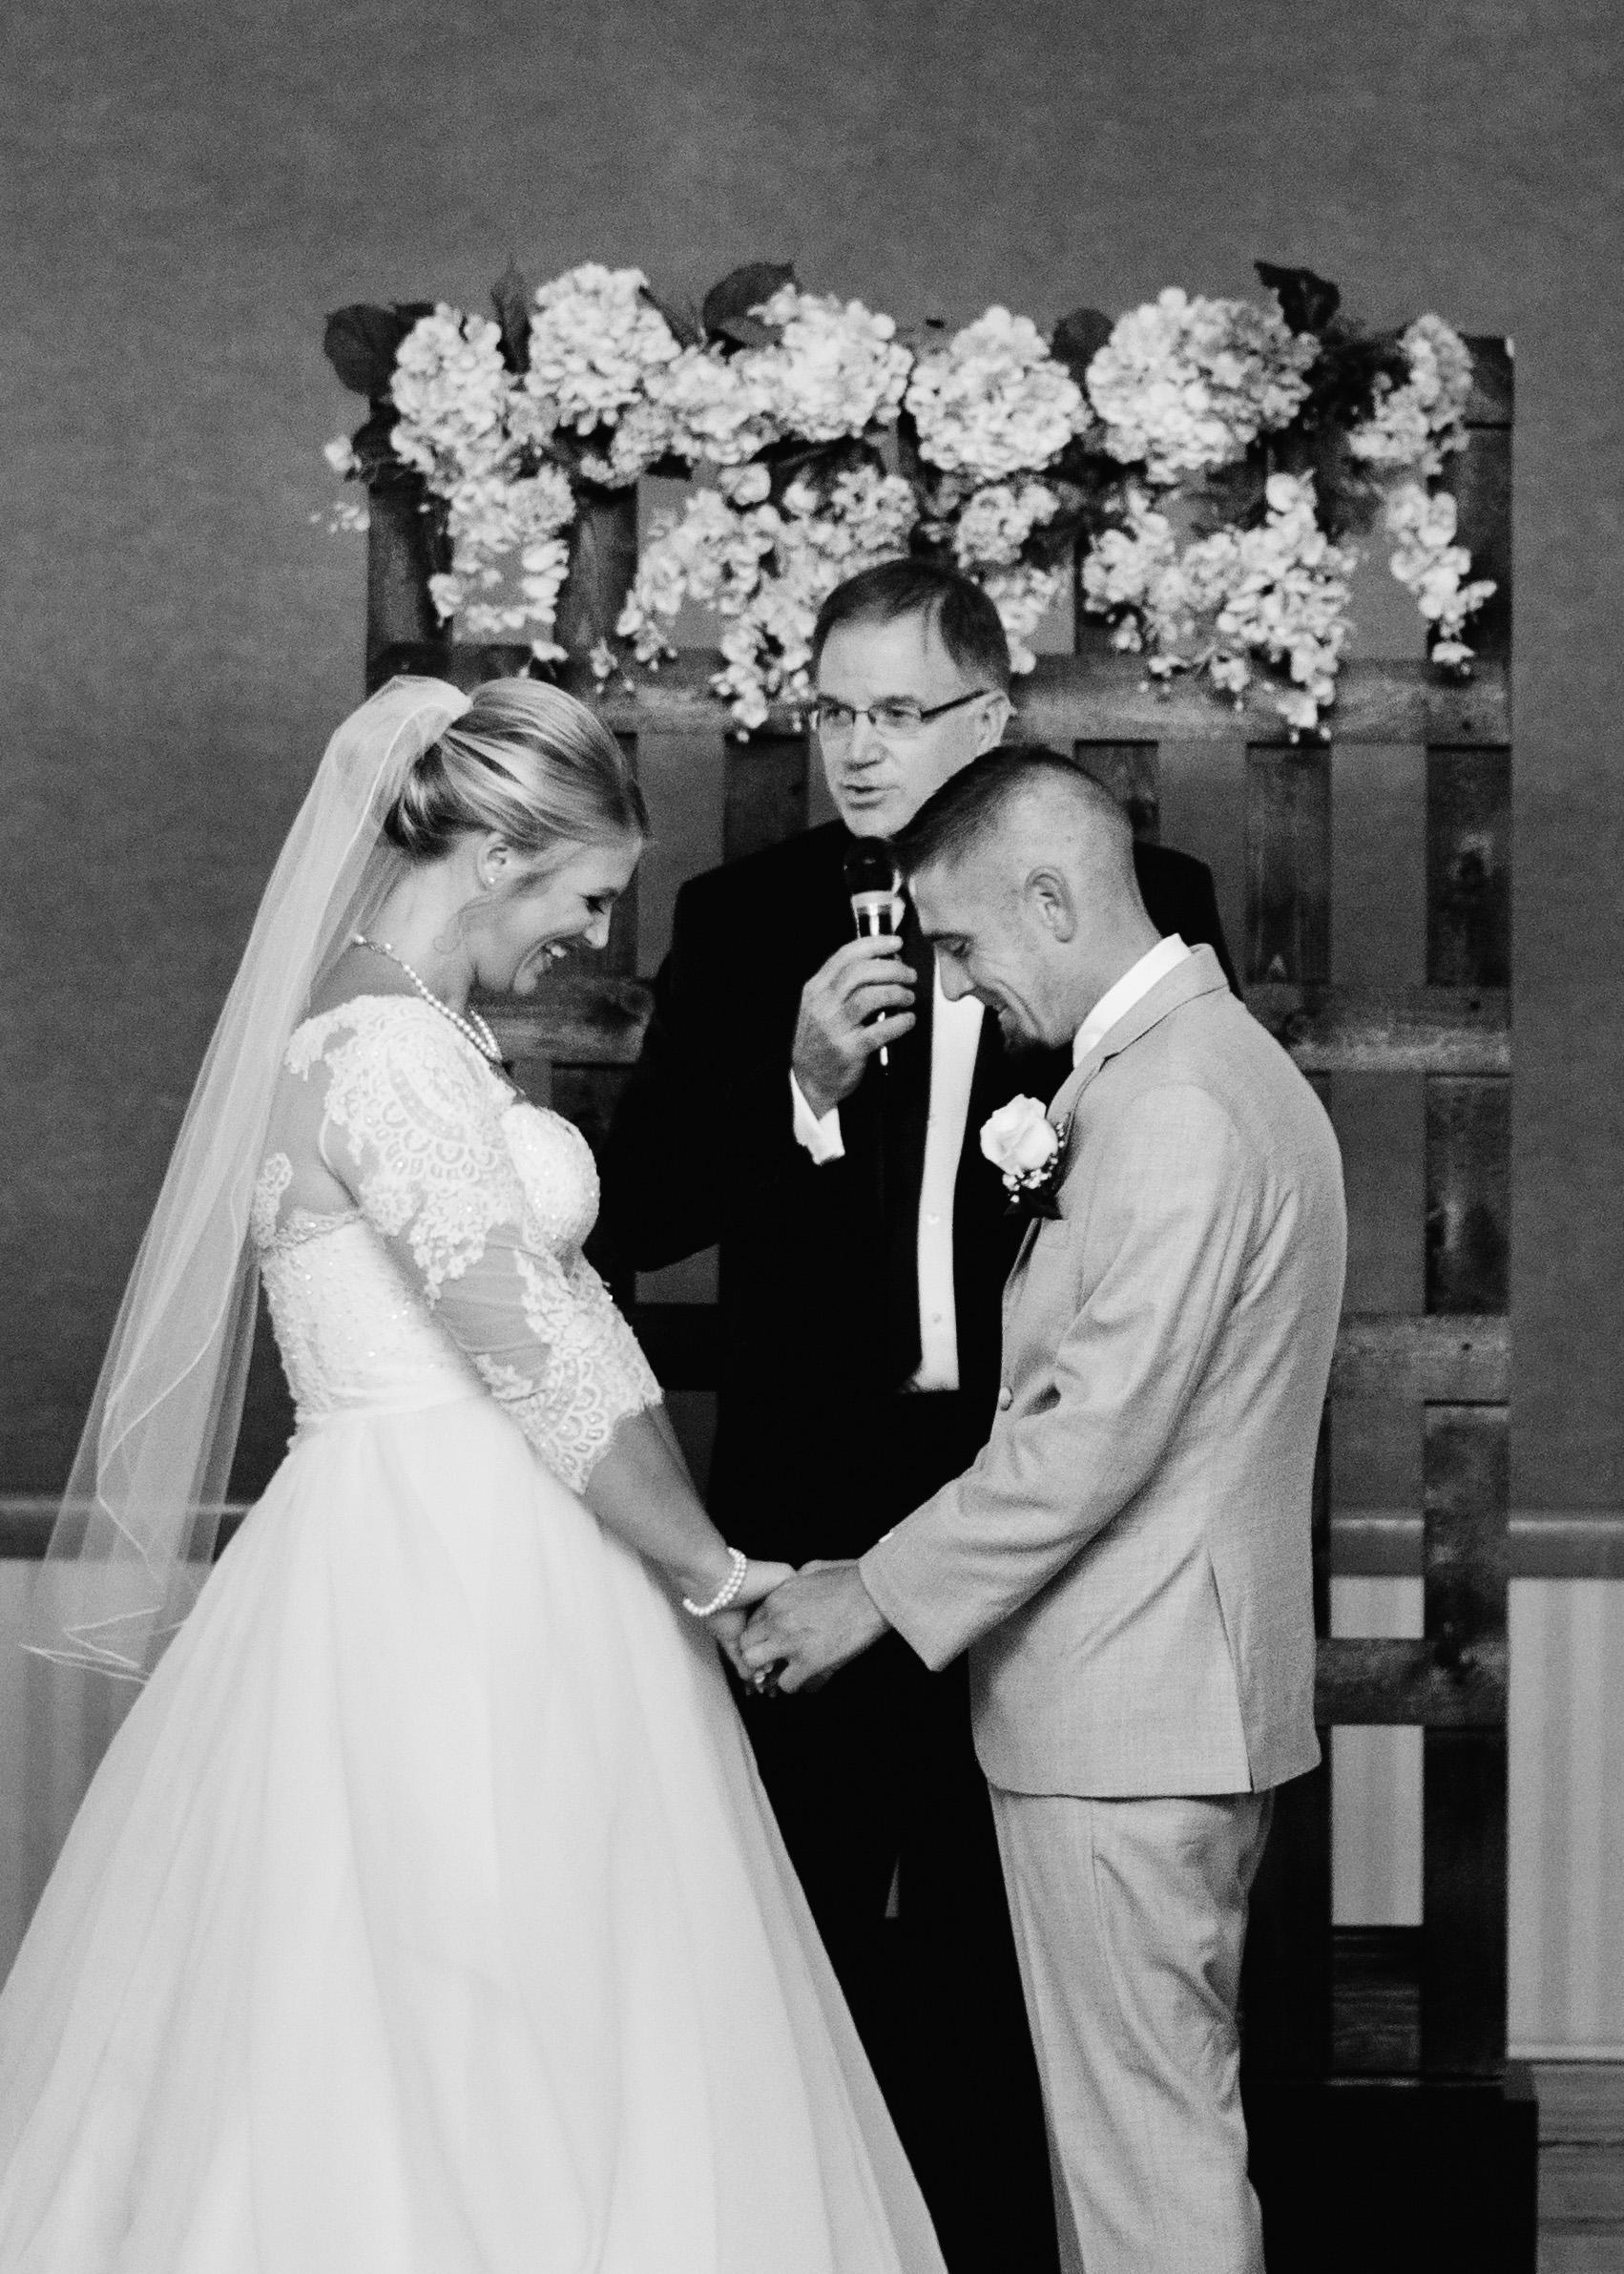 King-Northern-Illinois-University-Wedding069.jpg